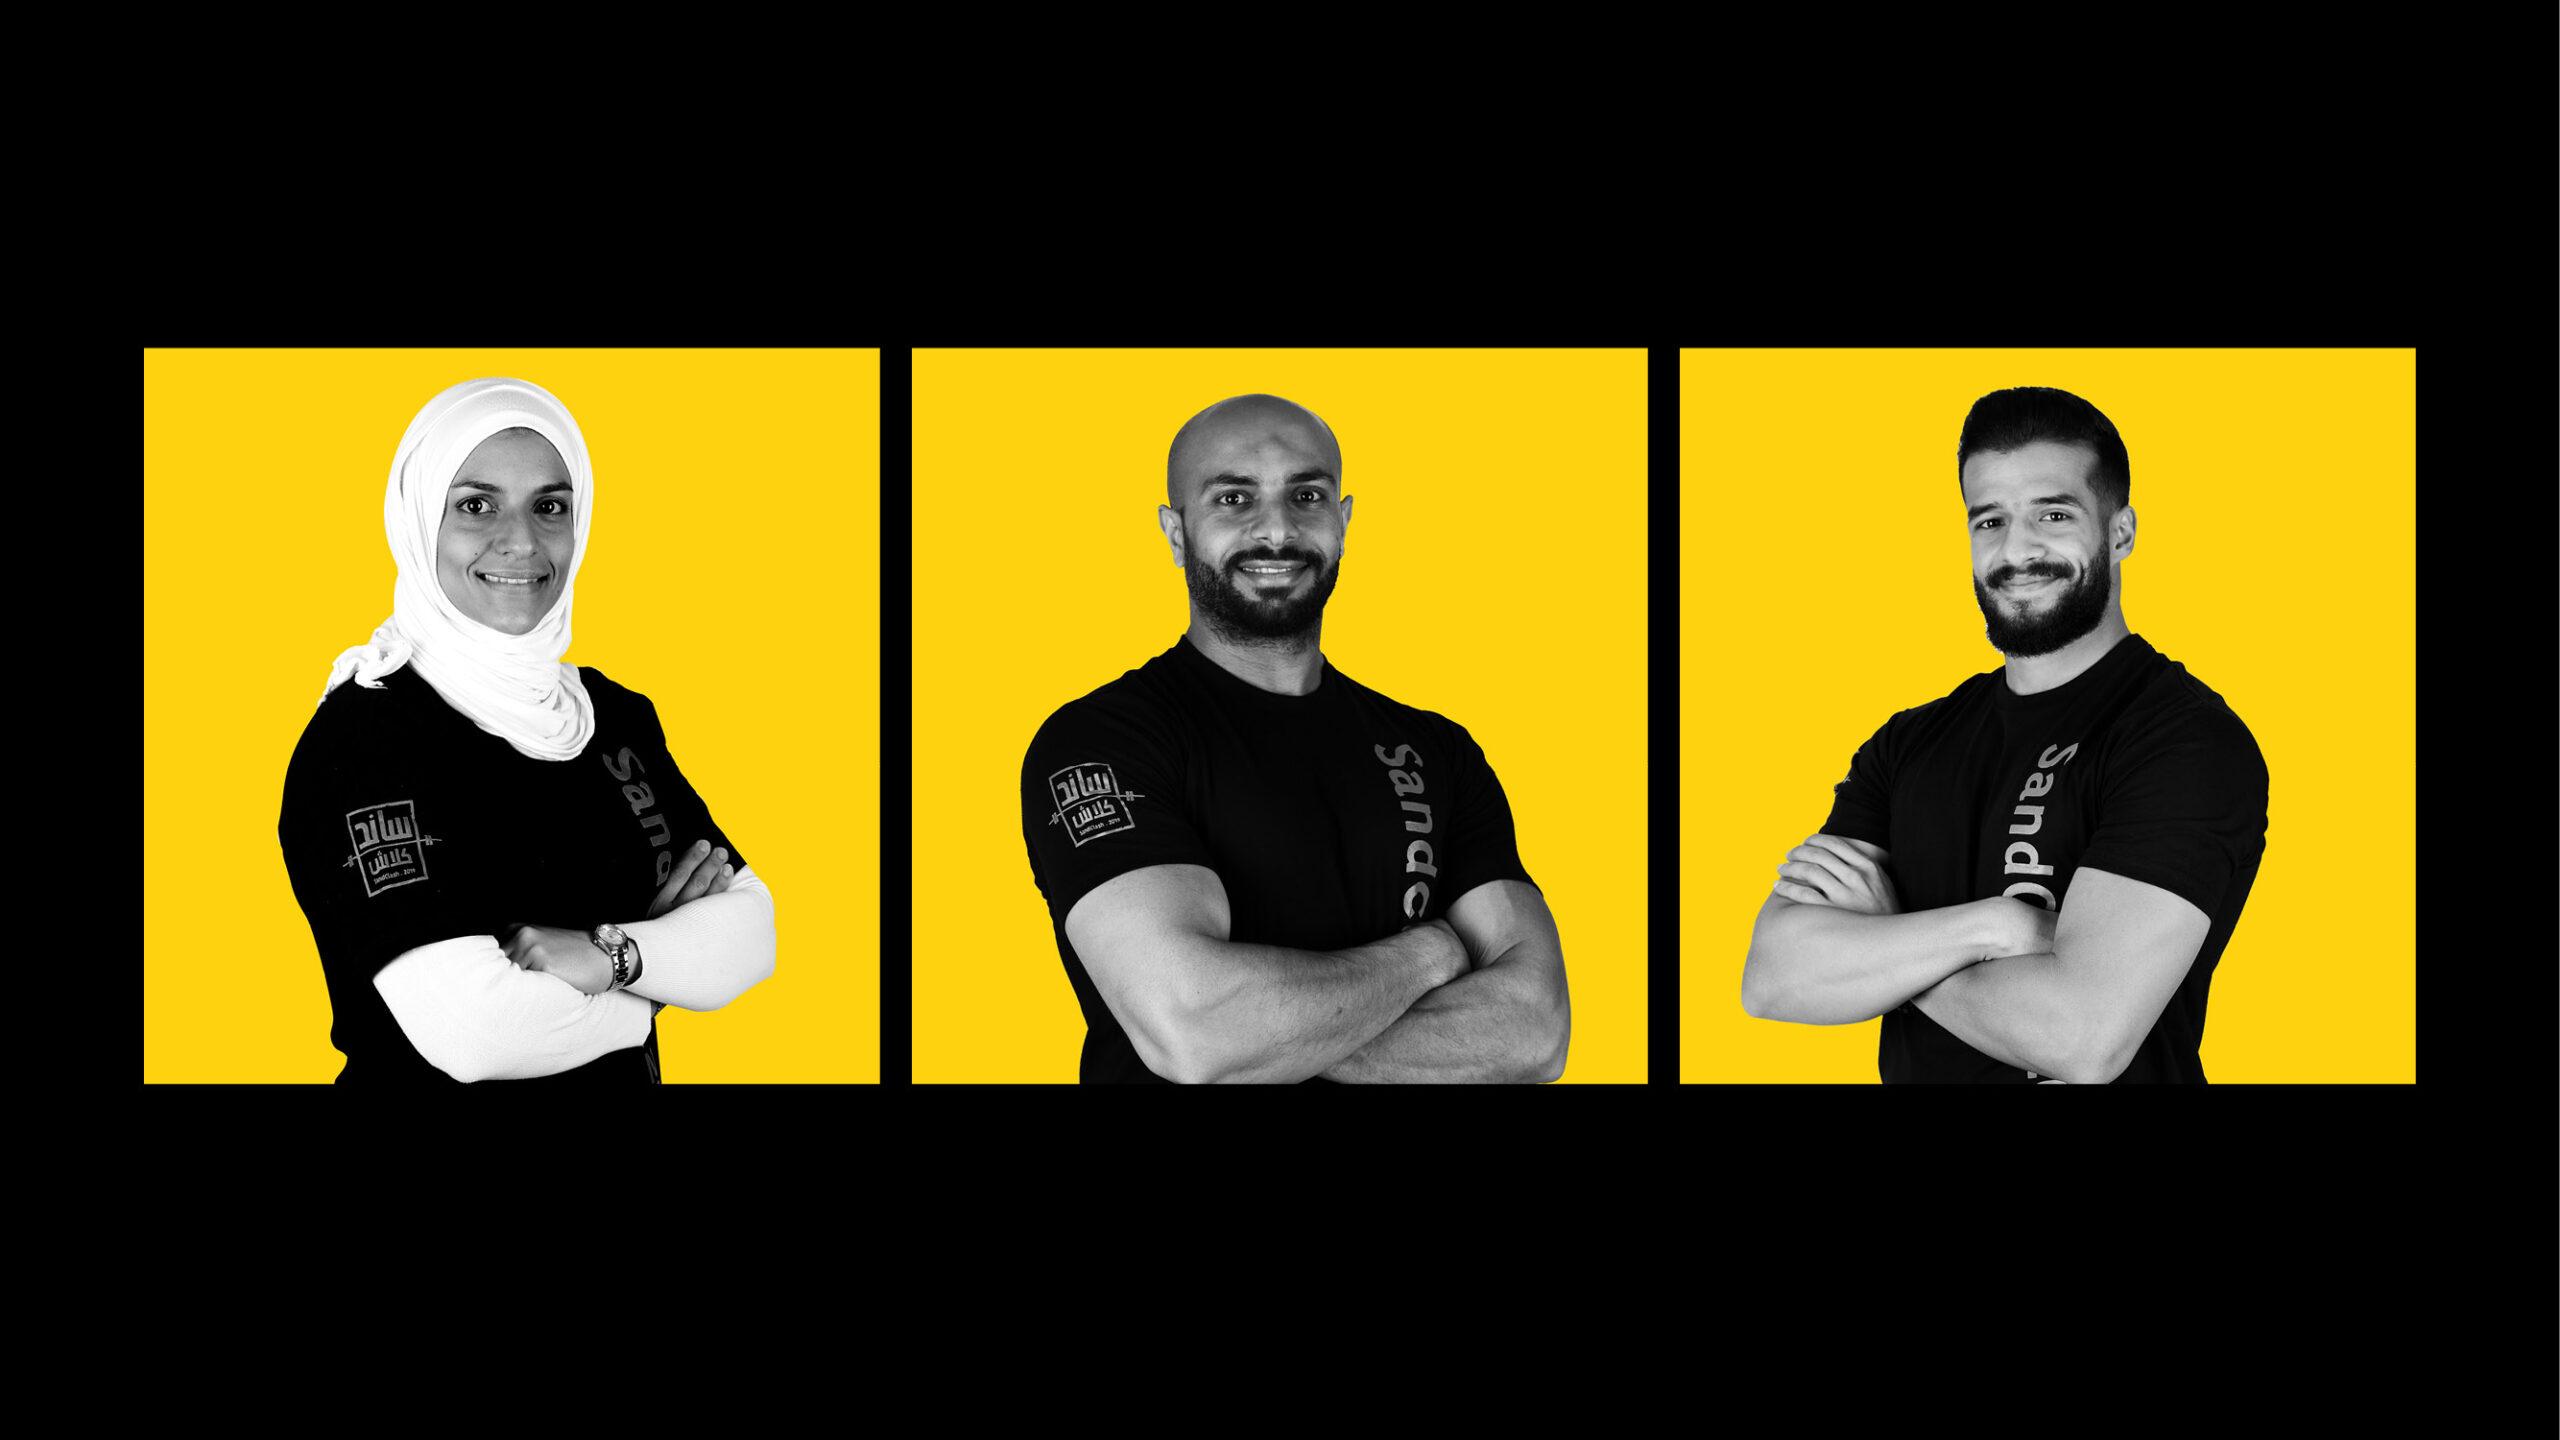 201904-Nacione-Branding-2019-SandClash-Competition7